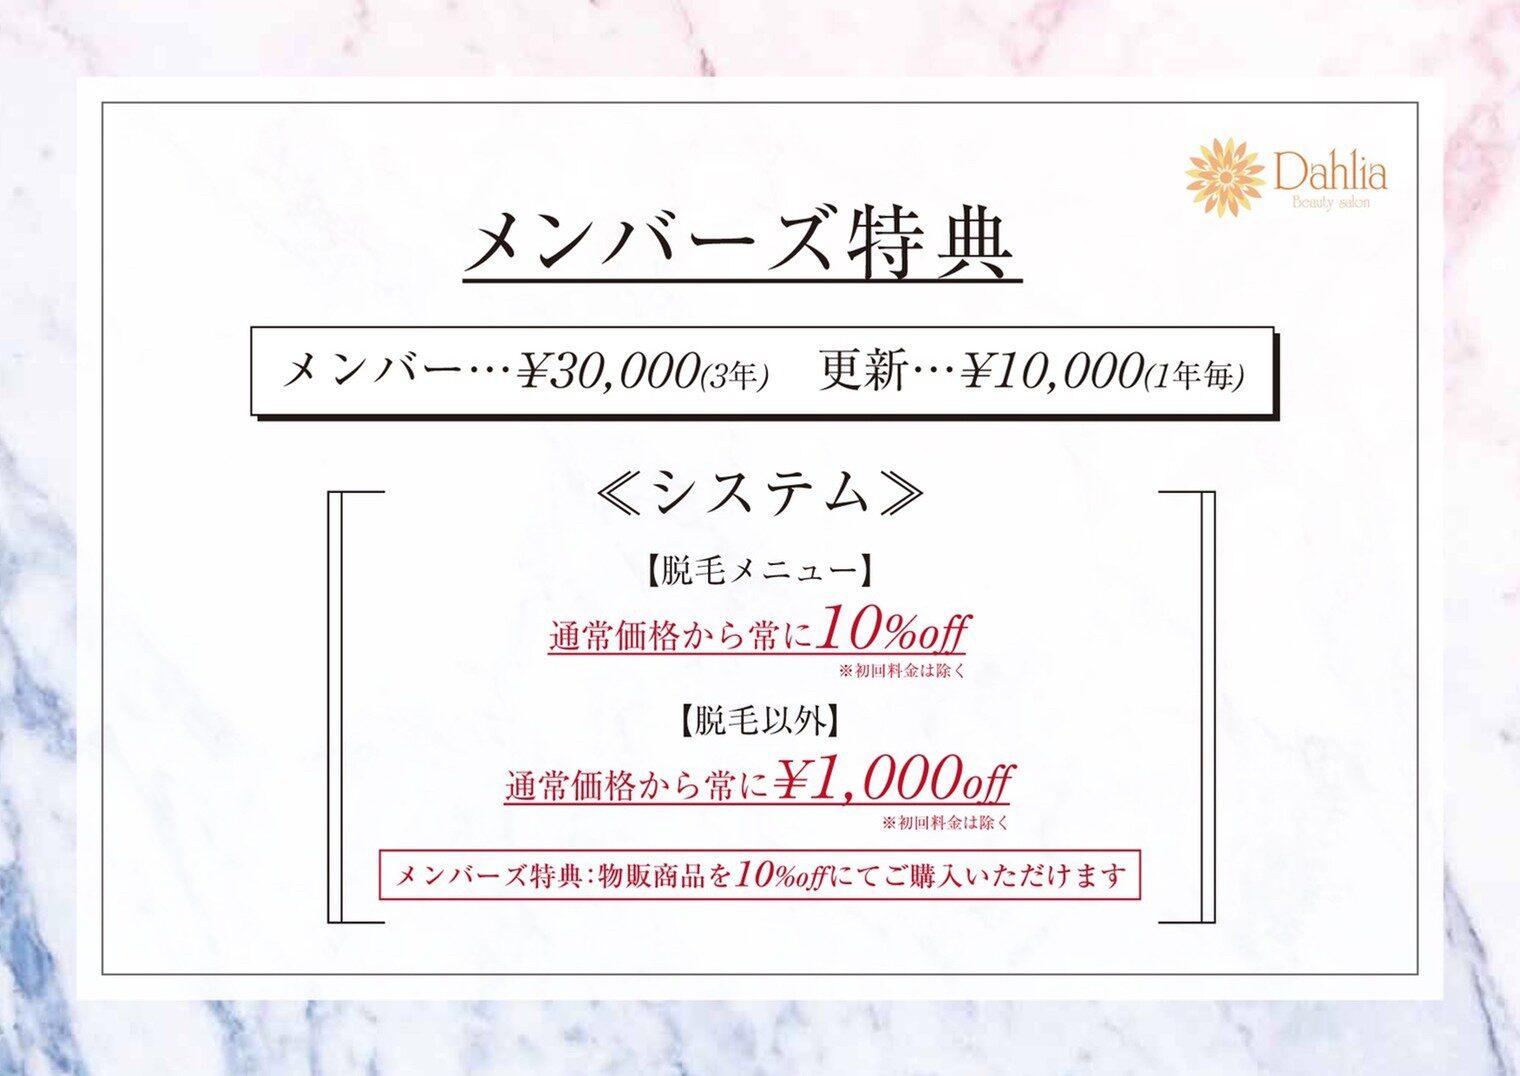 メンバーズ特典 メンバー: ¥30,000(3年) 更新: ¥10,000(1年毎) <システム> [脱毛メニュー] 通常価格から常に10%off [脱毛以外] 通常価格から常に¥1,000off  メンバーズ特典: 物販商品を10%offにてご購入いただけます